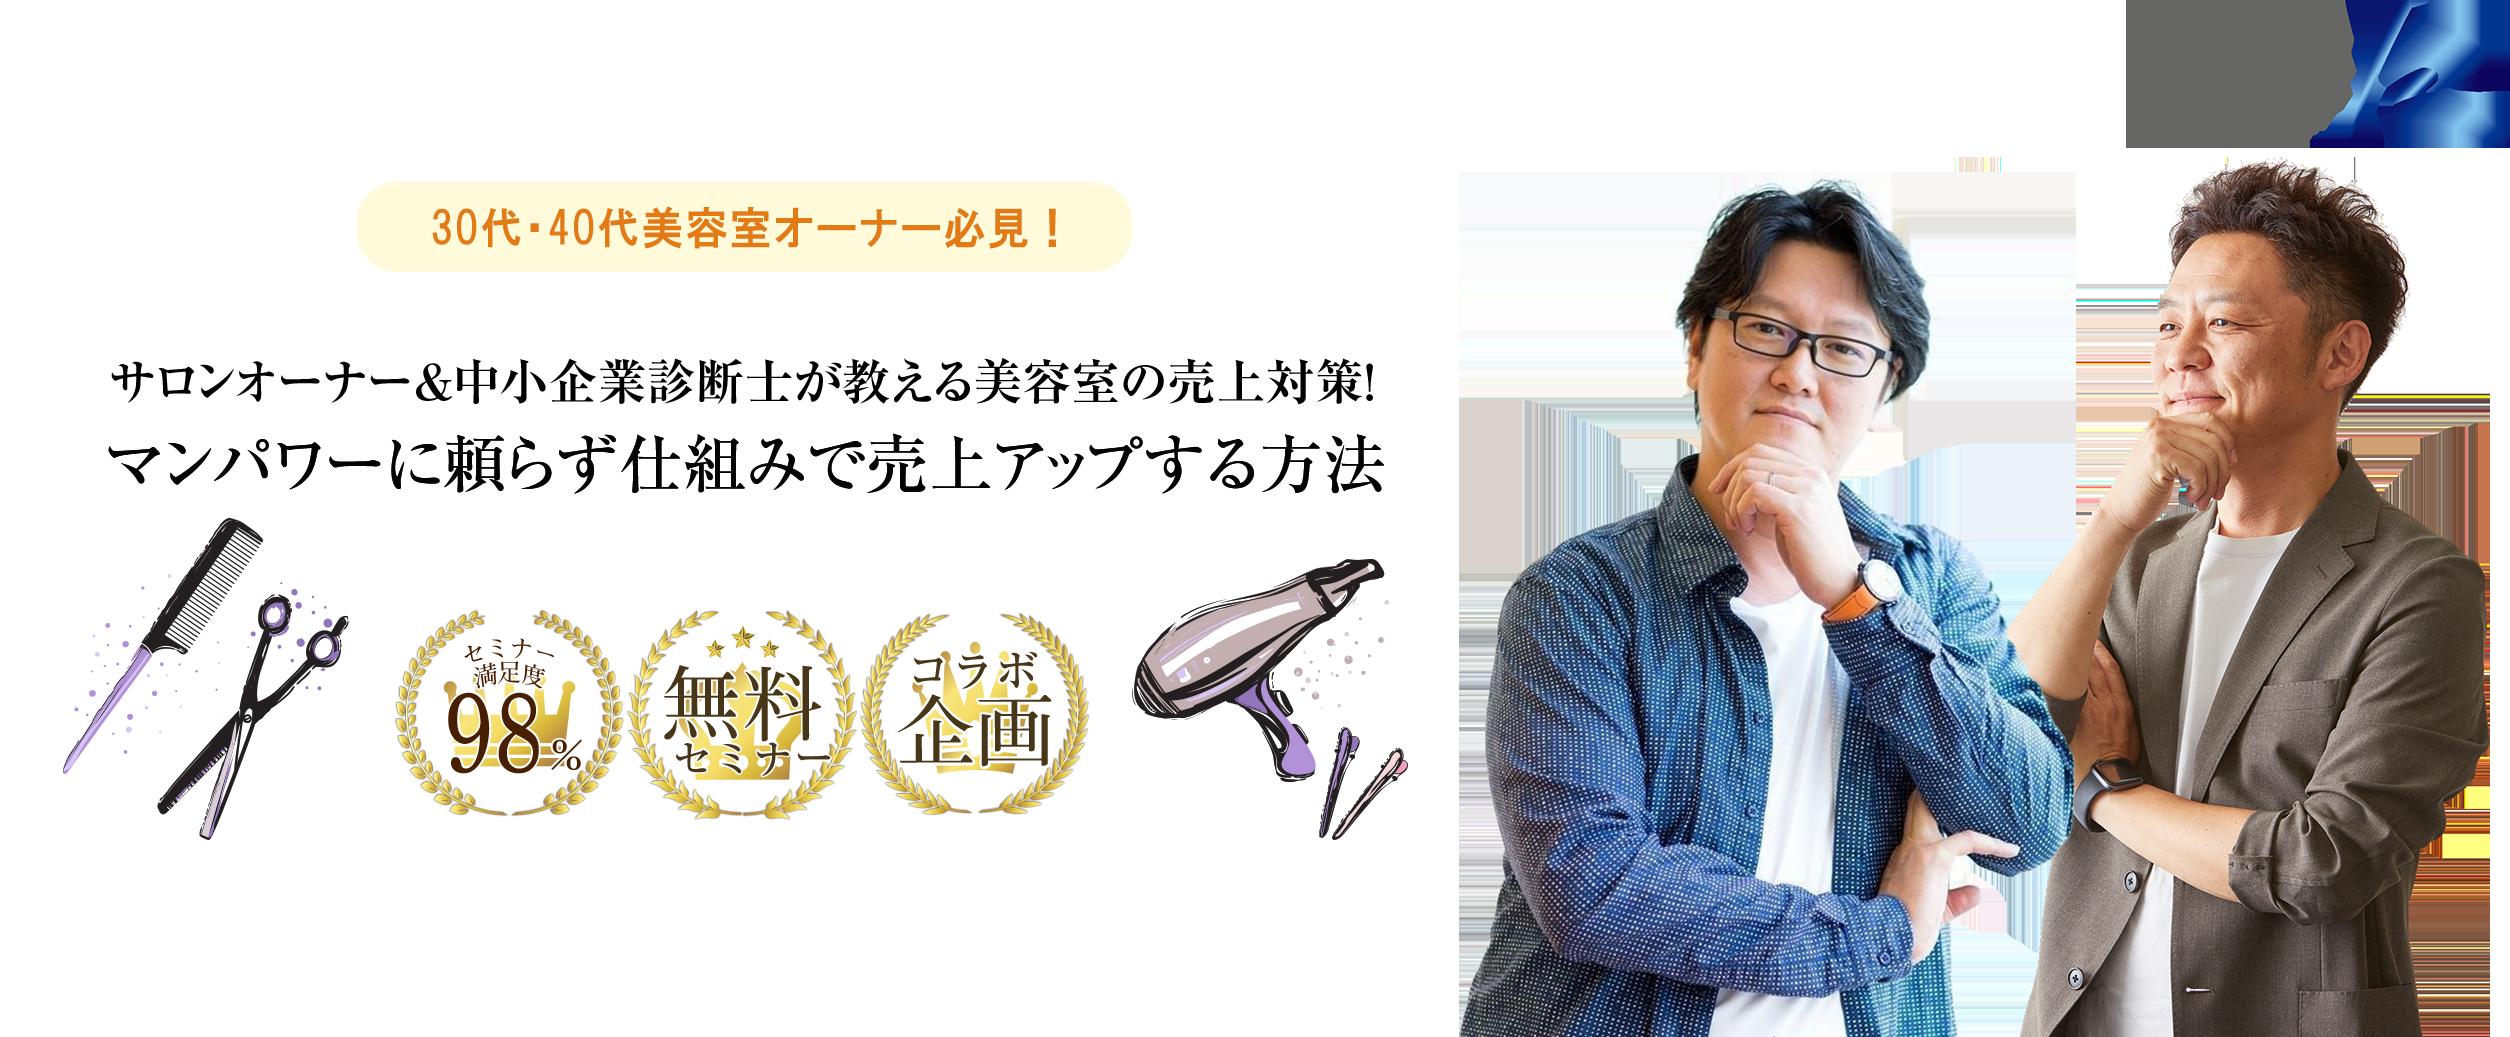 【特別セミナー2】サロンオーナー&中小企業診断士が教える美容室の売上対策!マンパワーに頼らず仕組みで売上アップする方法